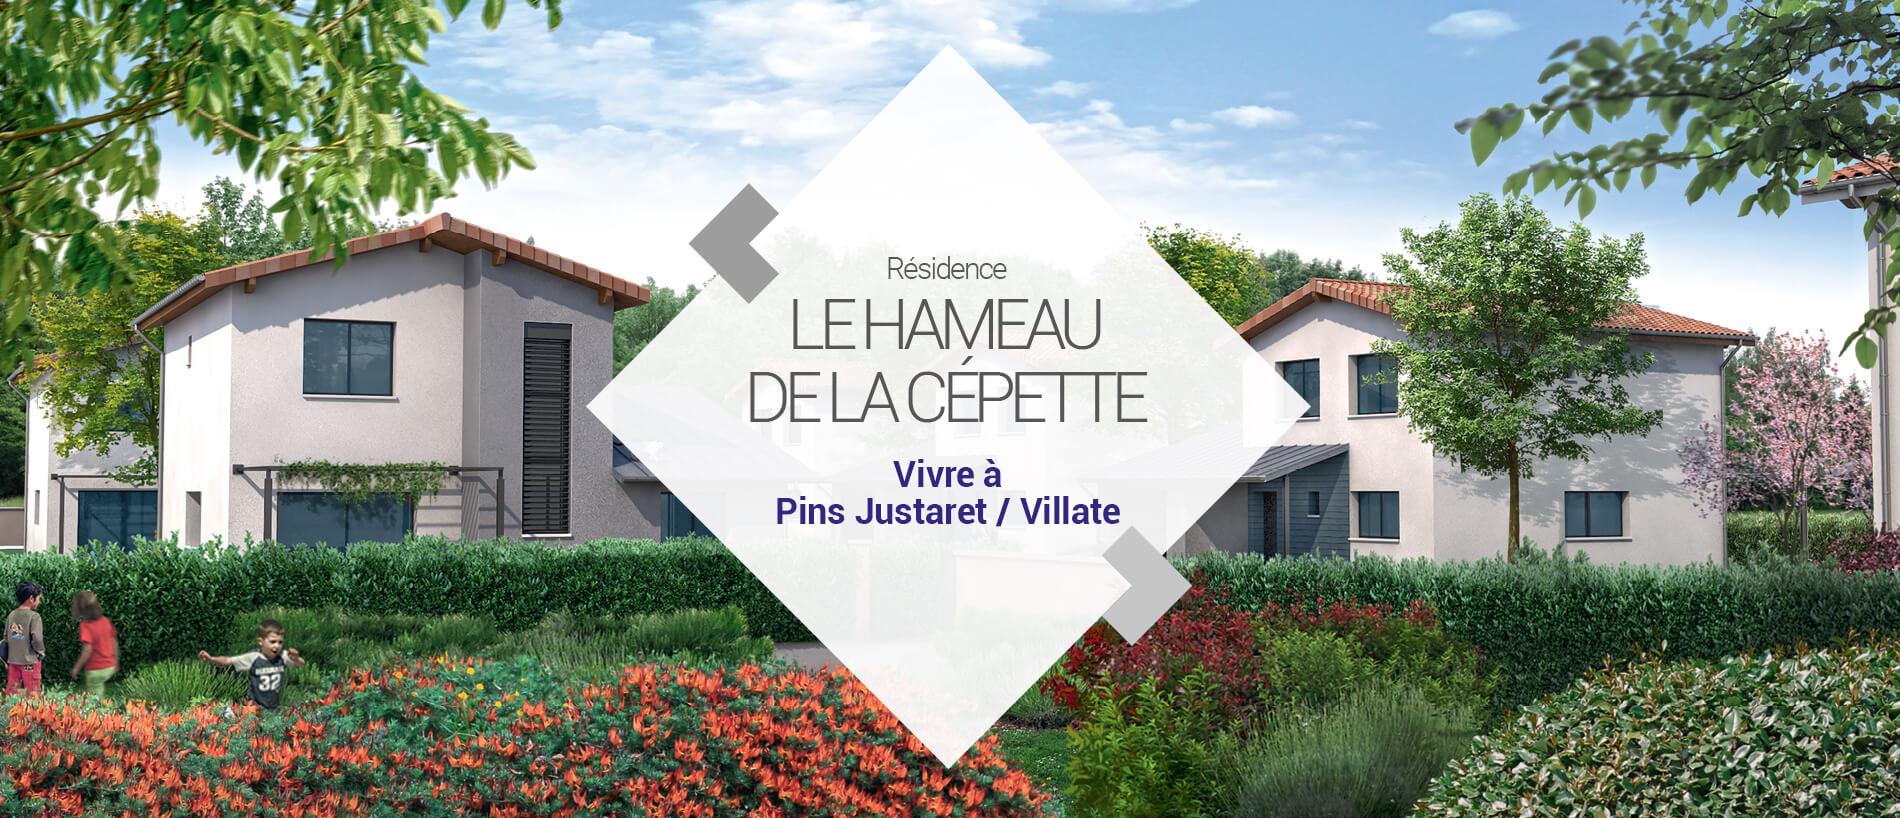 BG Promotion - Slide Vidéo 3D - Le Hameau de la Cépette